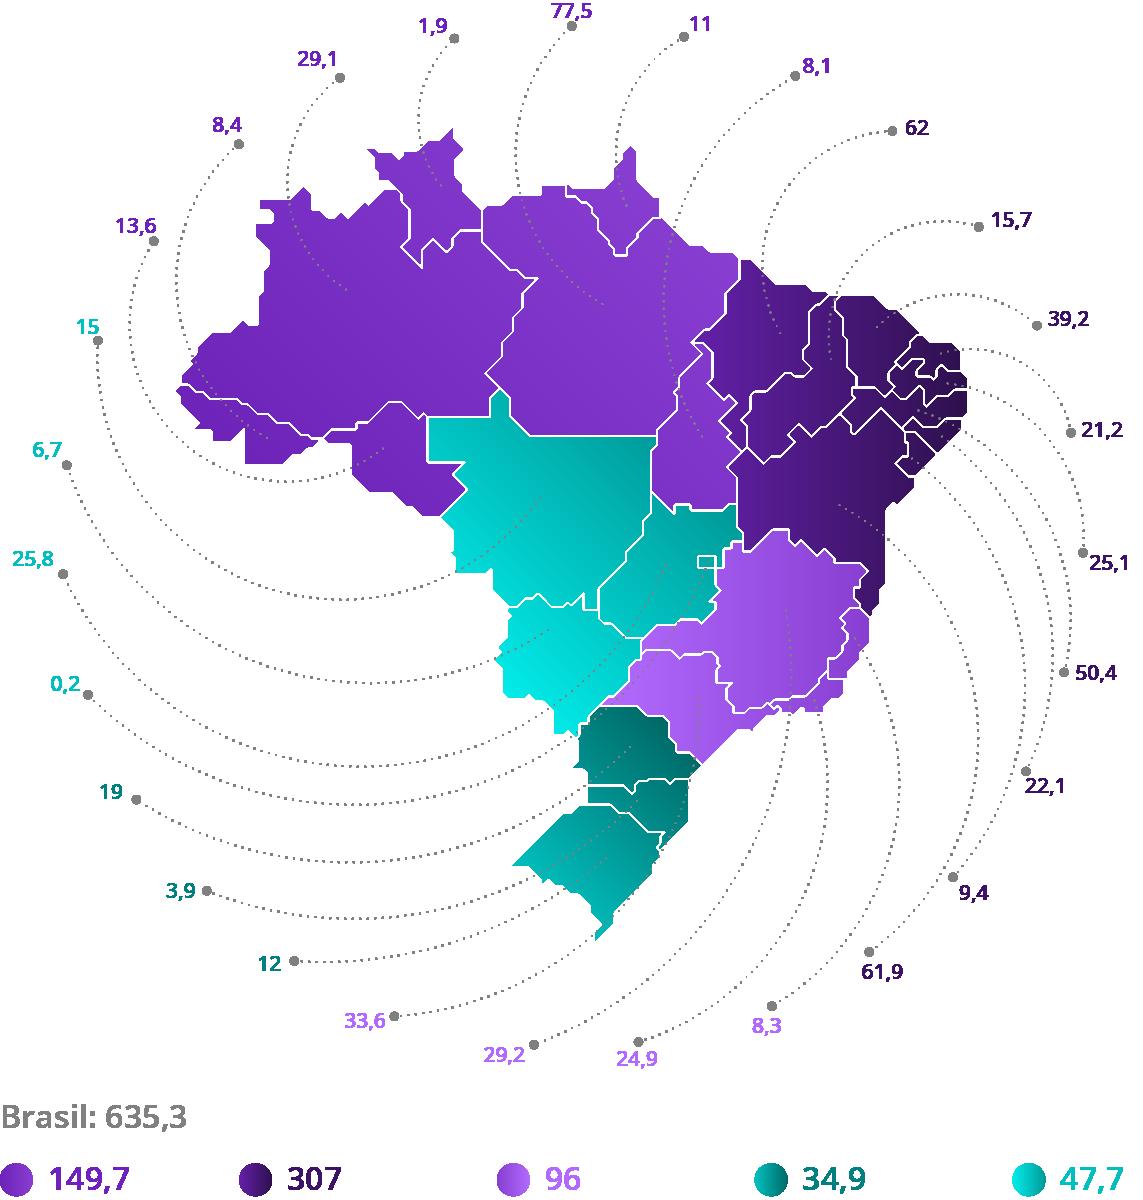 Fonte: IBGE, 2017. Elaboração:ExAnteConsultoriaEconômica.